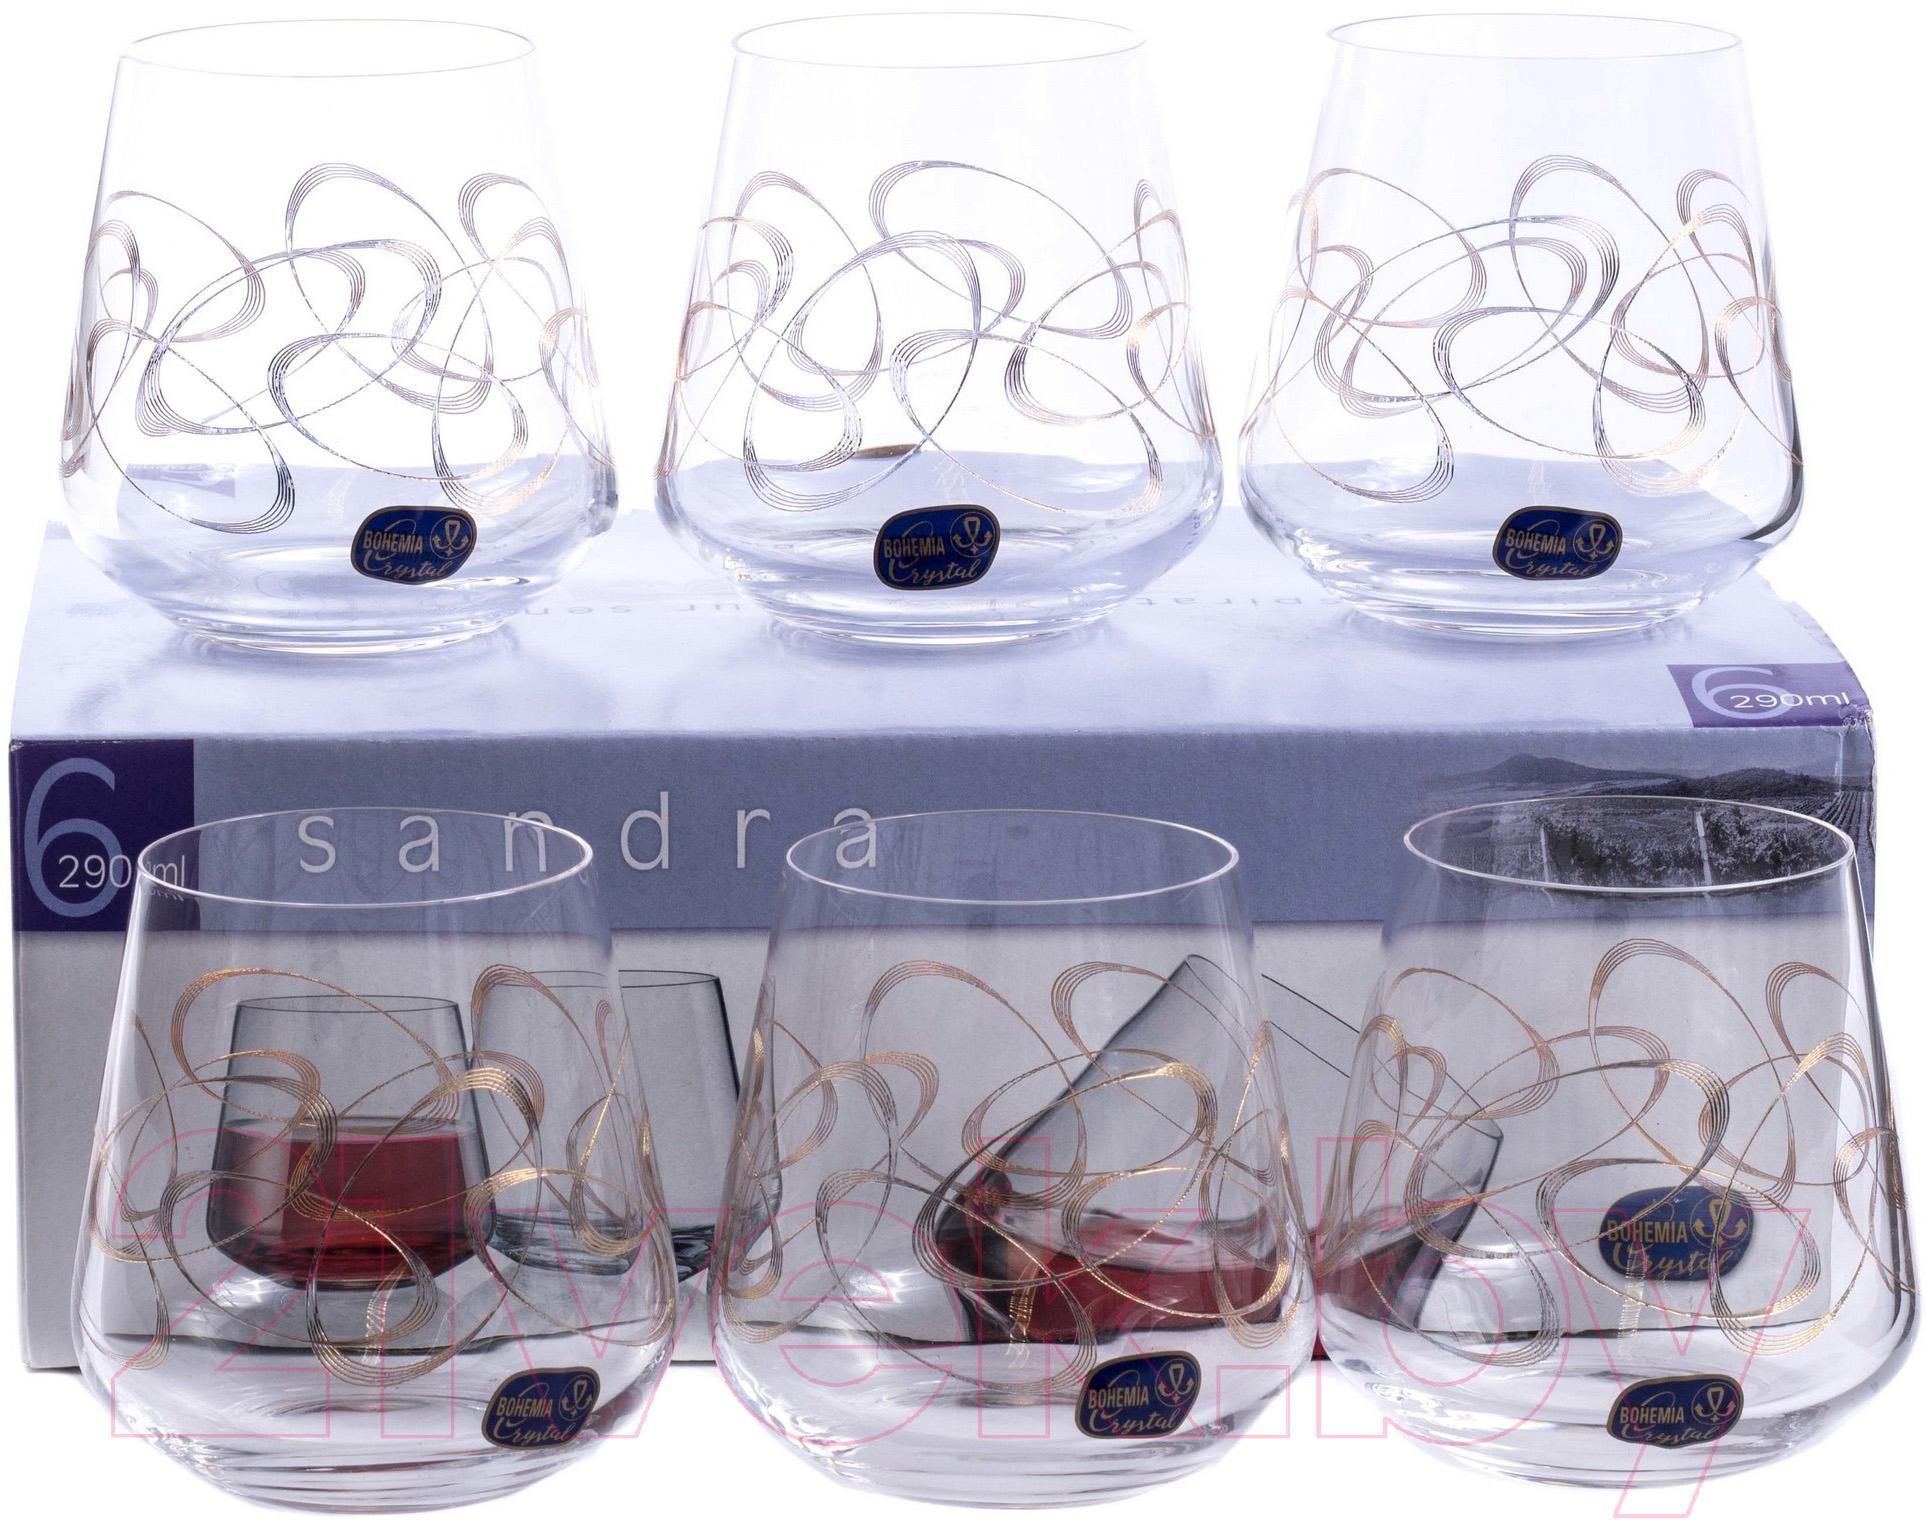 Купить Набор стаканов Bohemia, Crystal Sandra 23013/Q9203/290 (6шт), Чехия, стекло